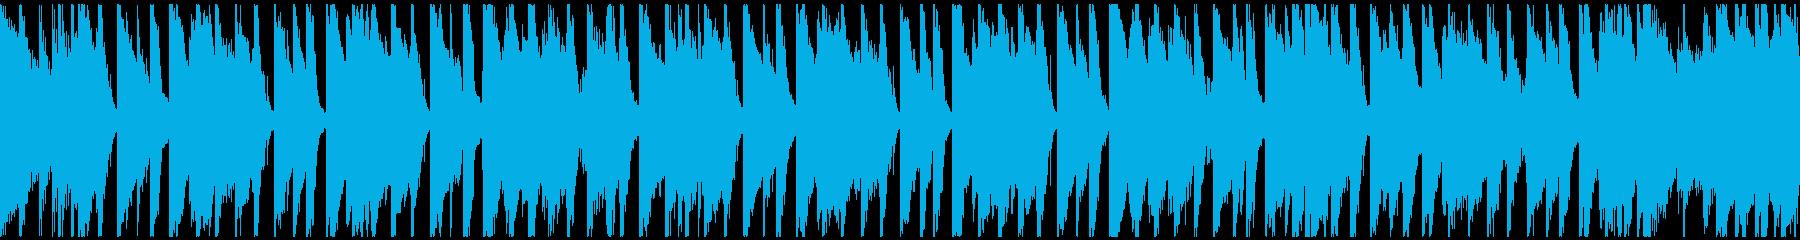 穏やかなアコースティックポップ(ループ)の再生済みの波形